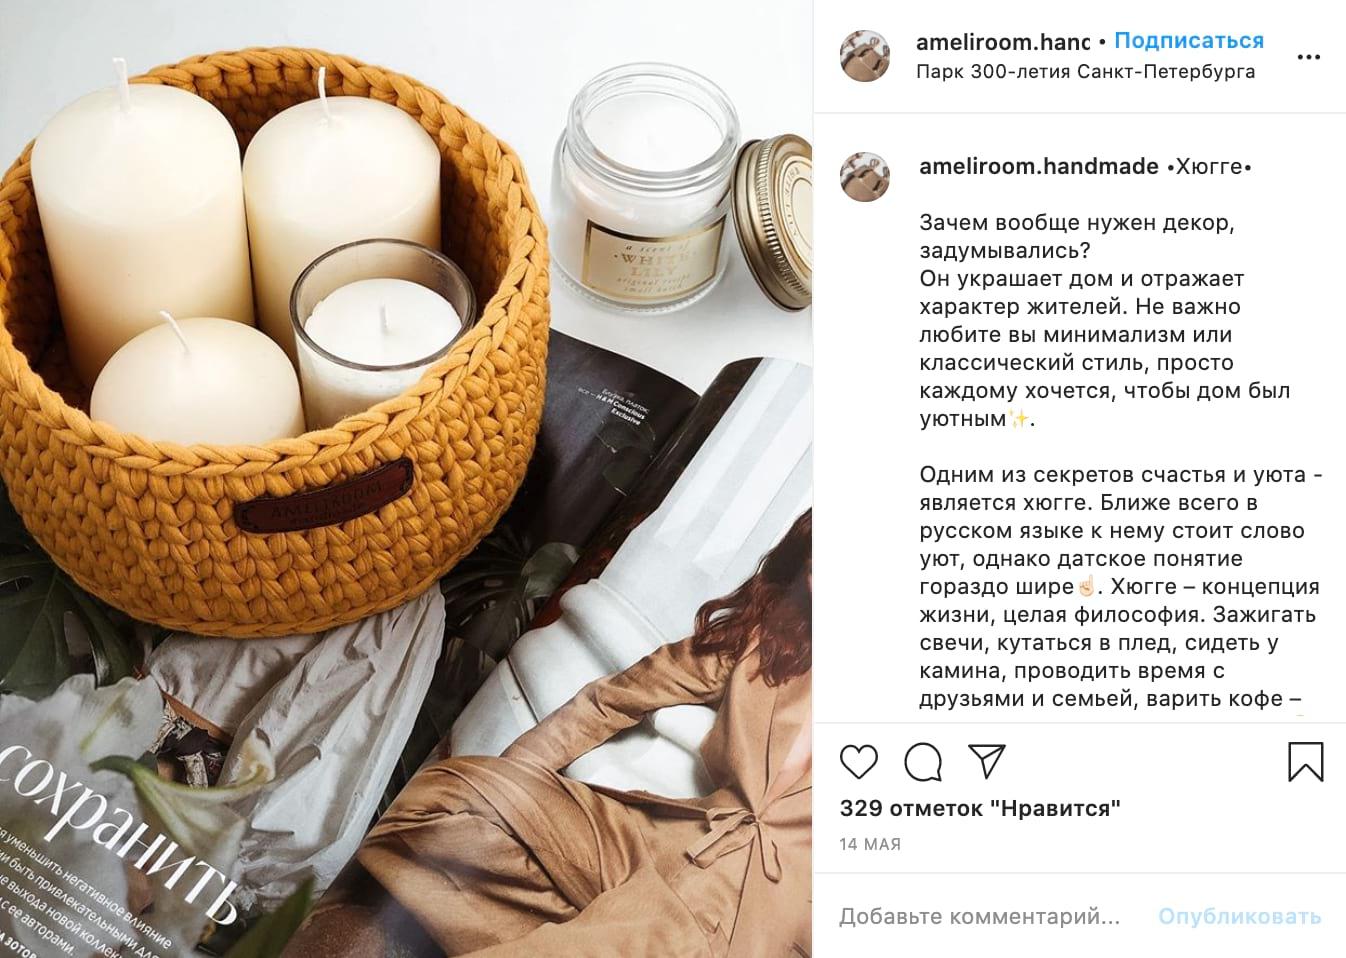 Плетеная корзинка (продукты онлайн-магазина) в раскладке